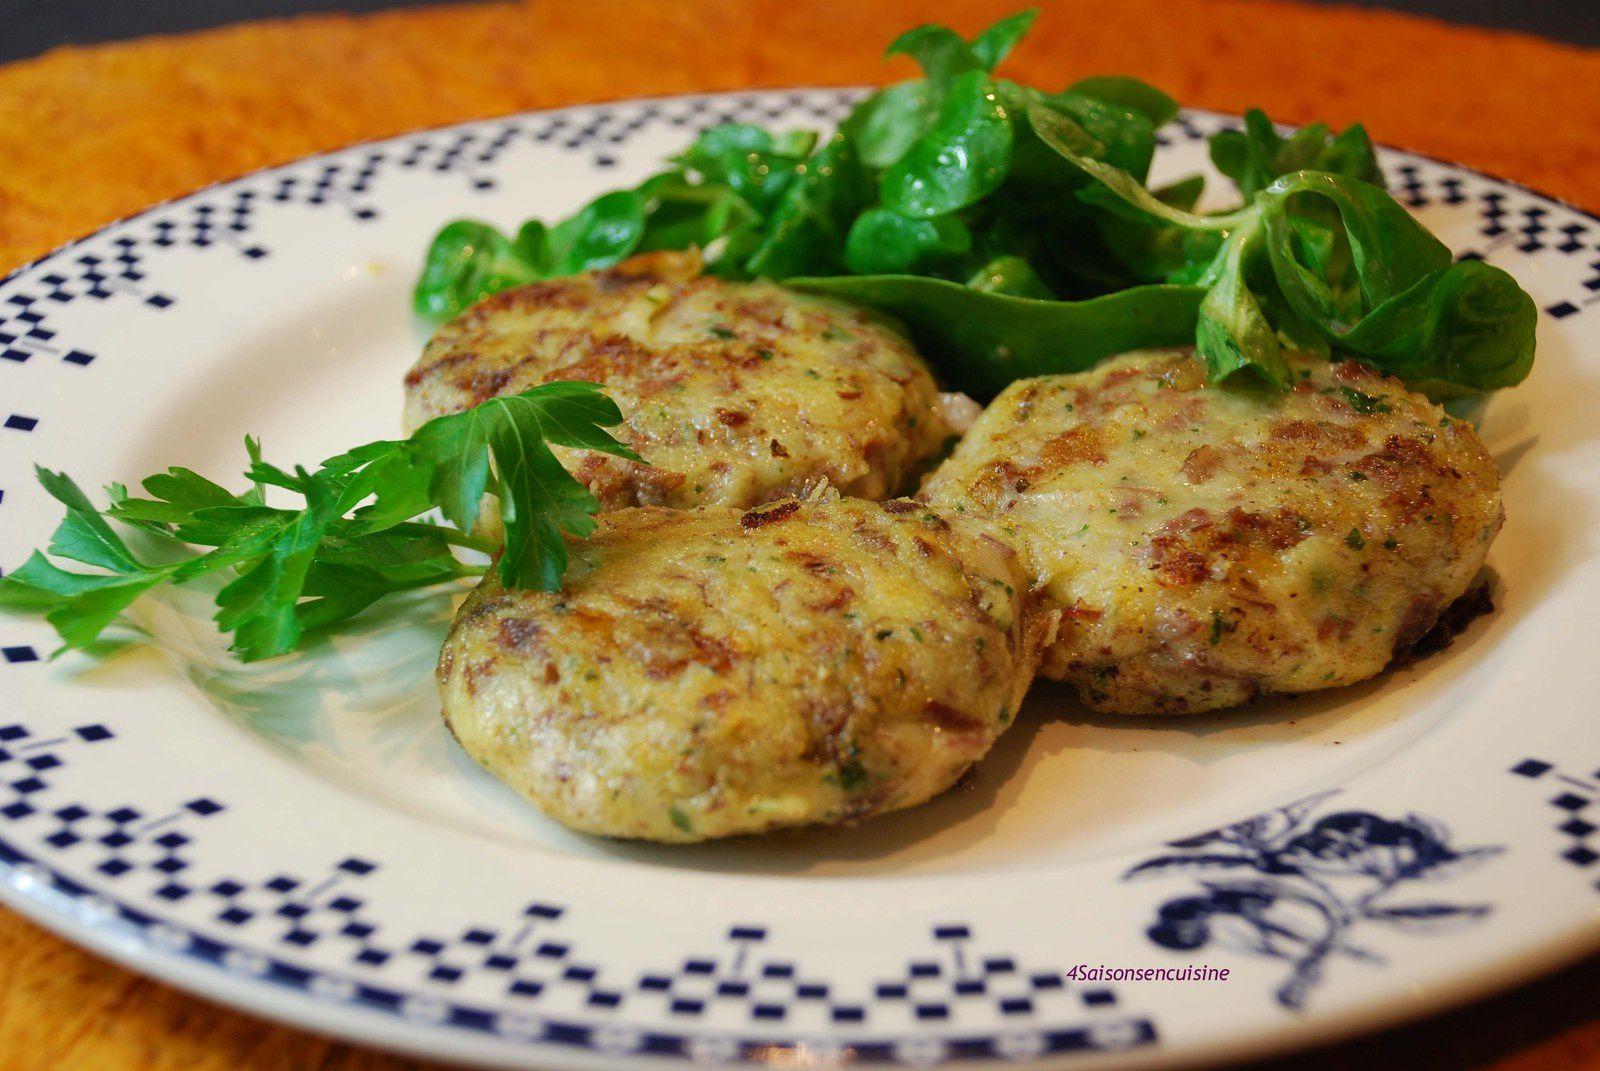 Croquettes de pommes de terre au boeuf